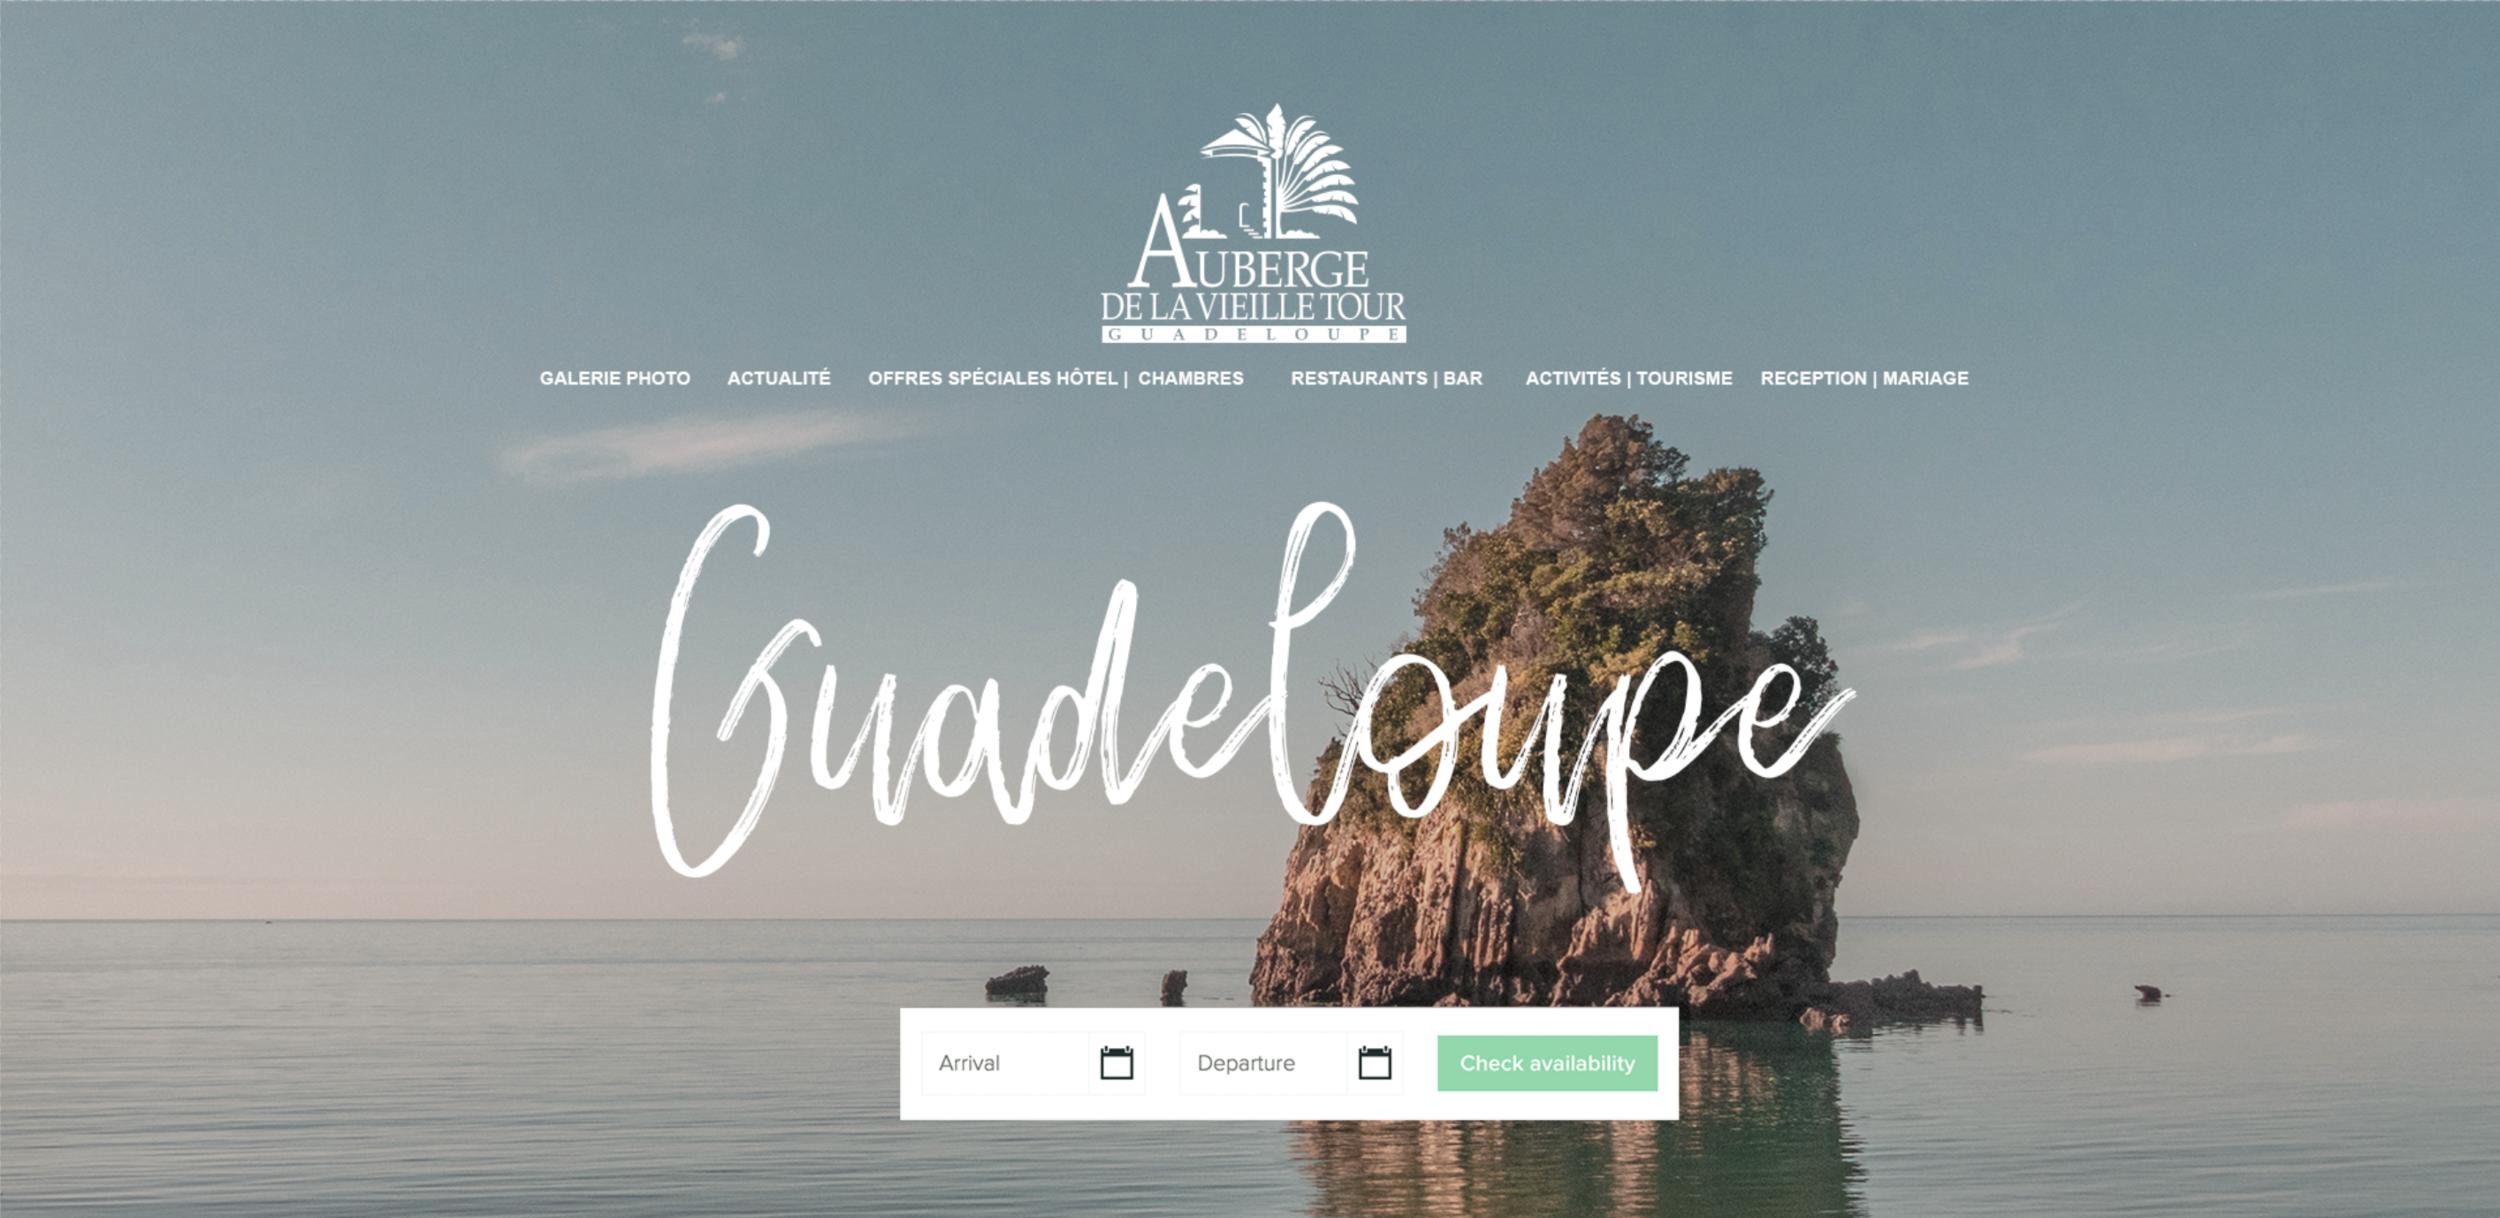 Auberge de la vieille tour refonte étudiant web design paris